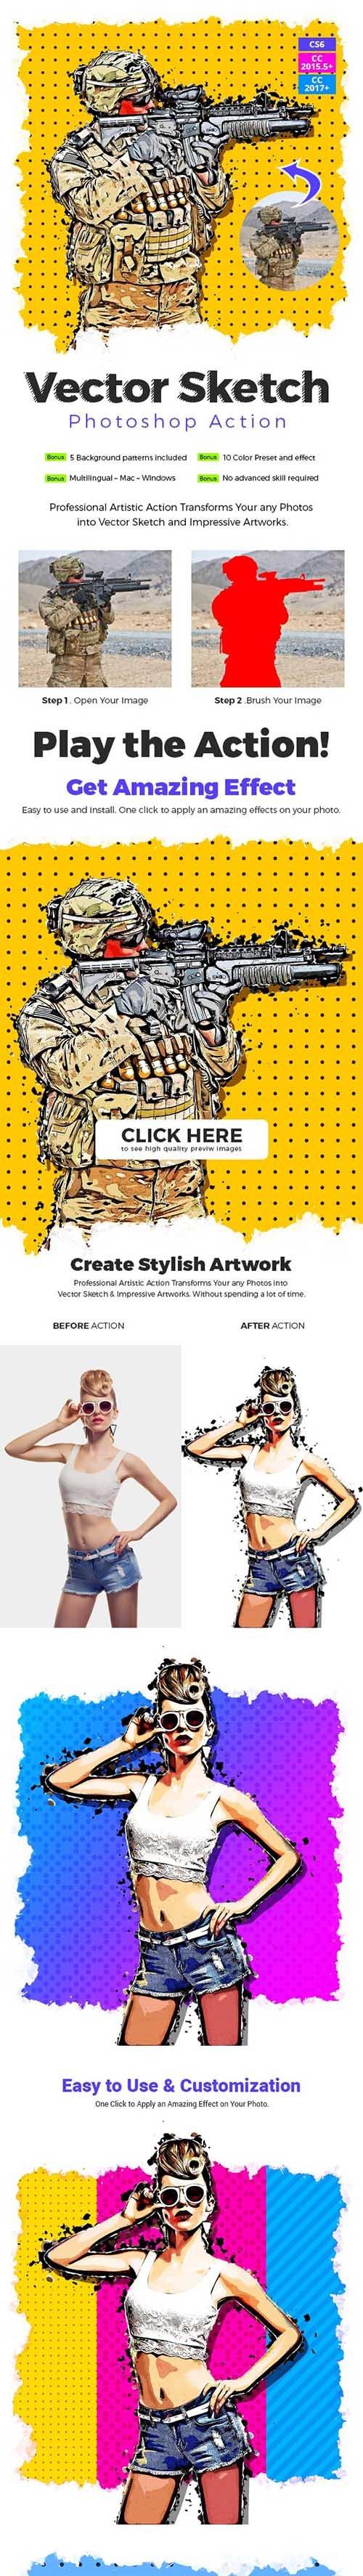 Vector Sketch Photoshop Action 26519972